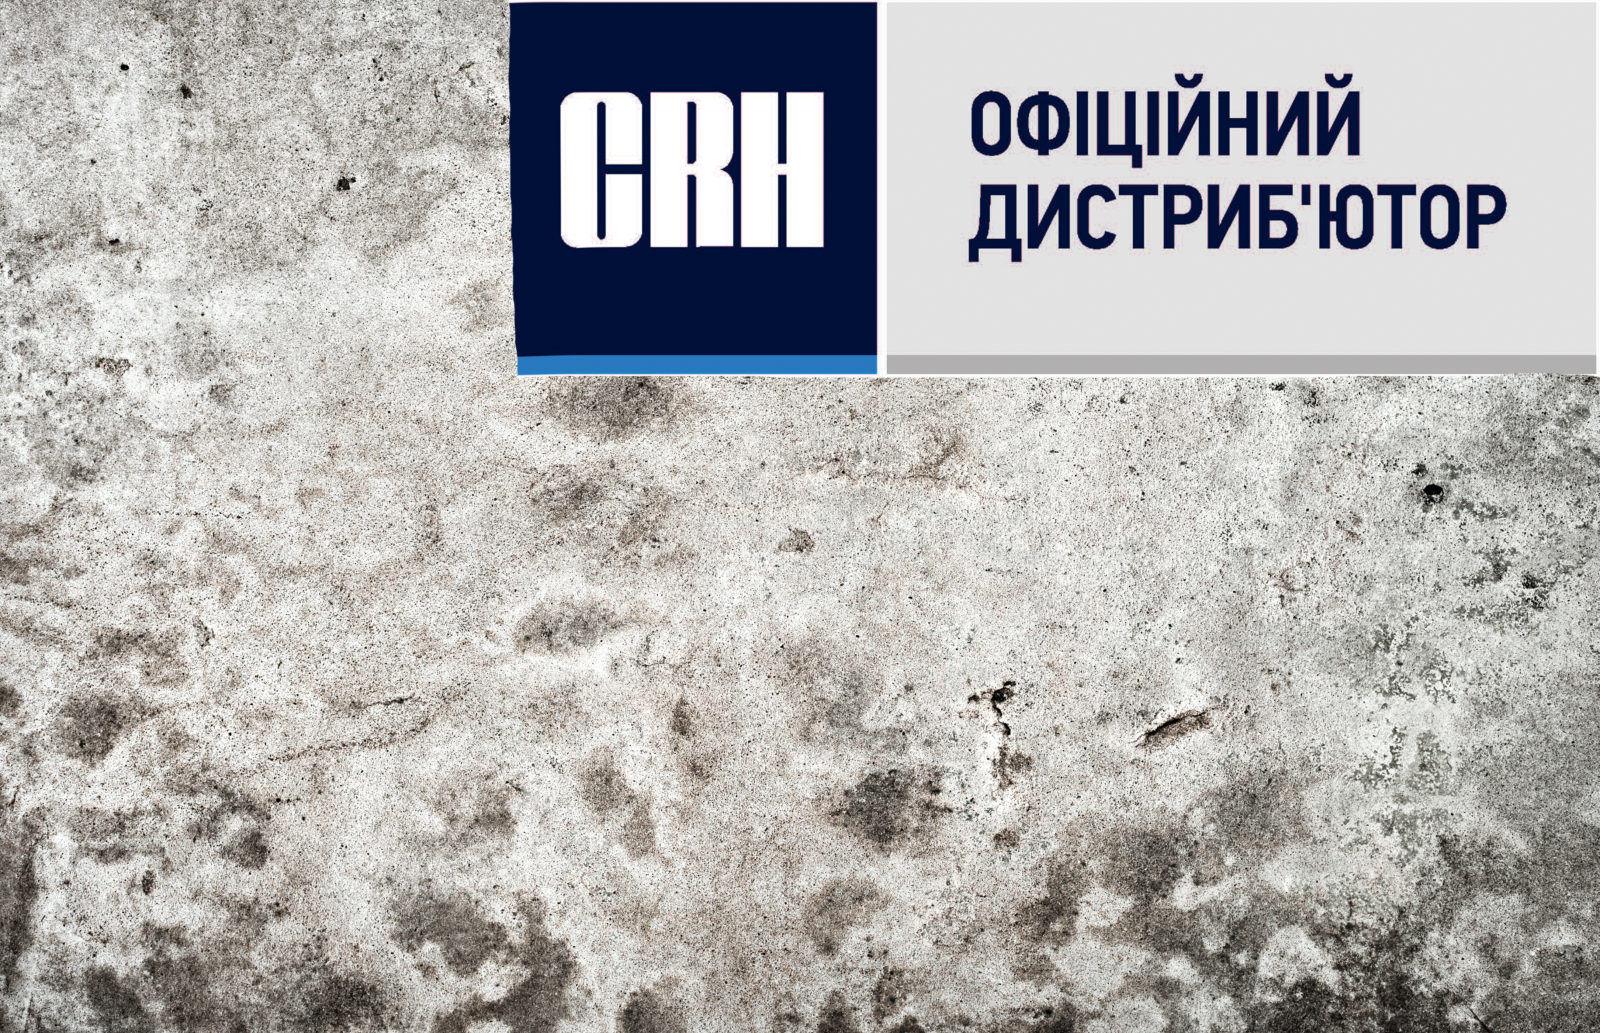 Как определить оригинальный цемент компании CRH с помощью внешнего вида мешка